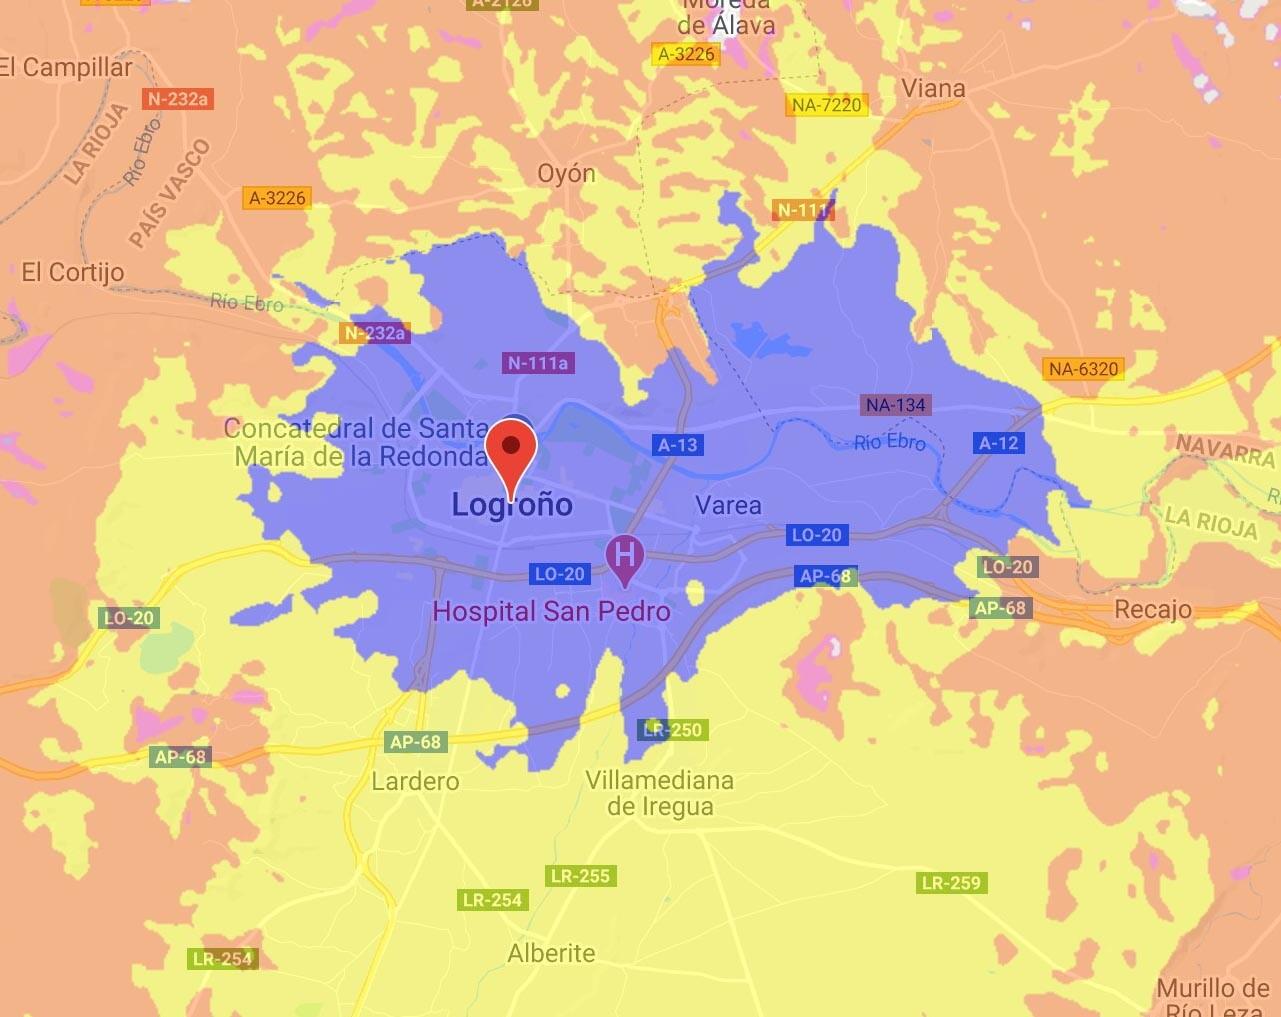 Cobertura 5G de Orange en Logroño